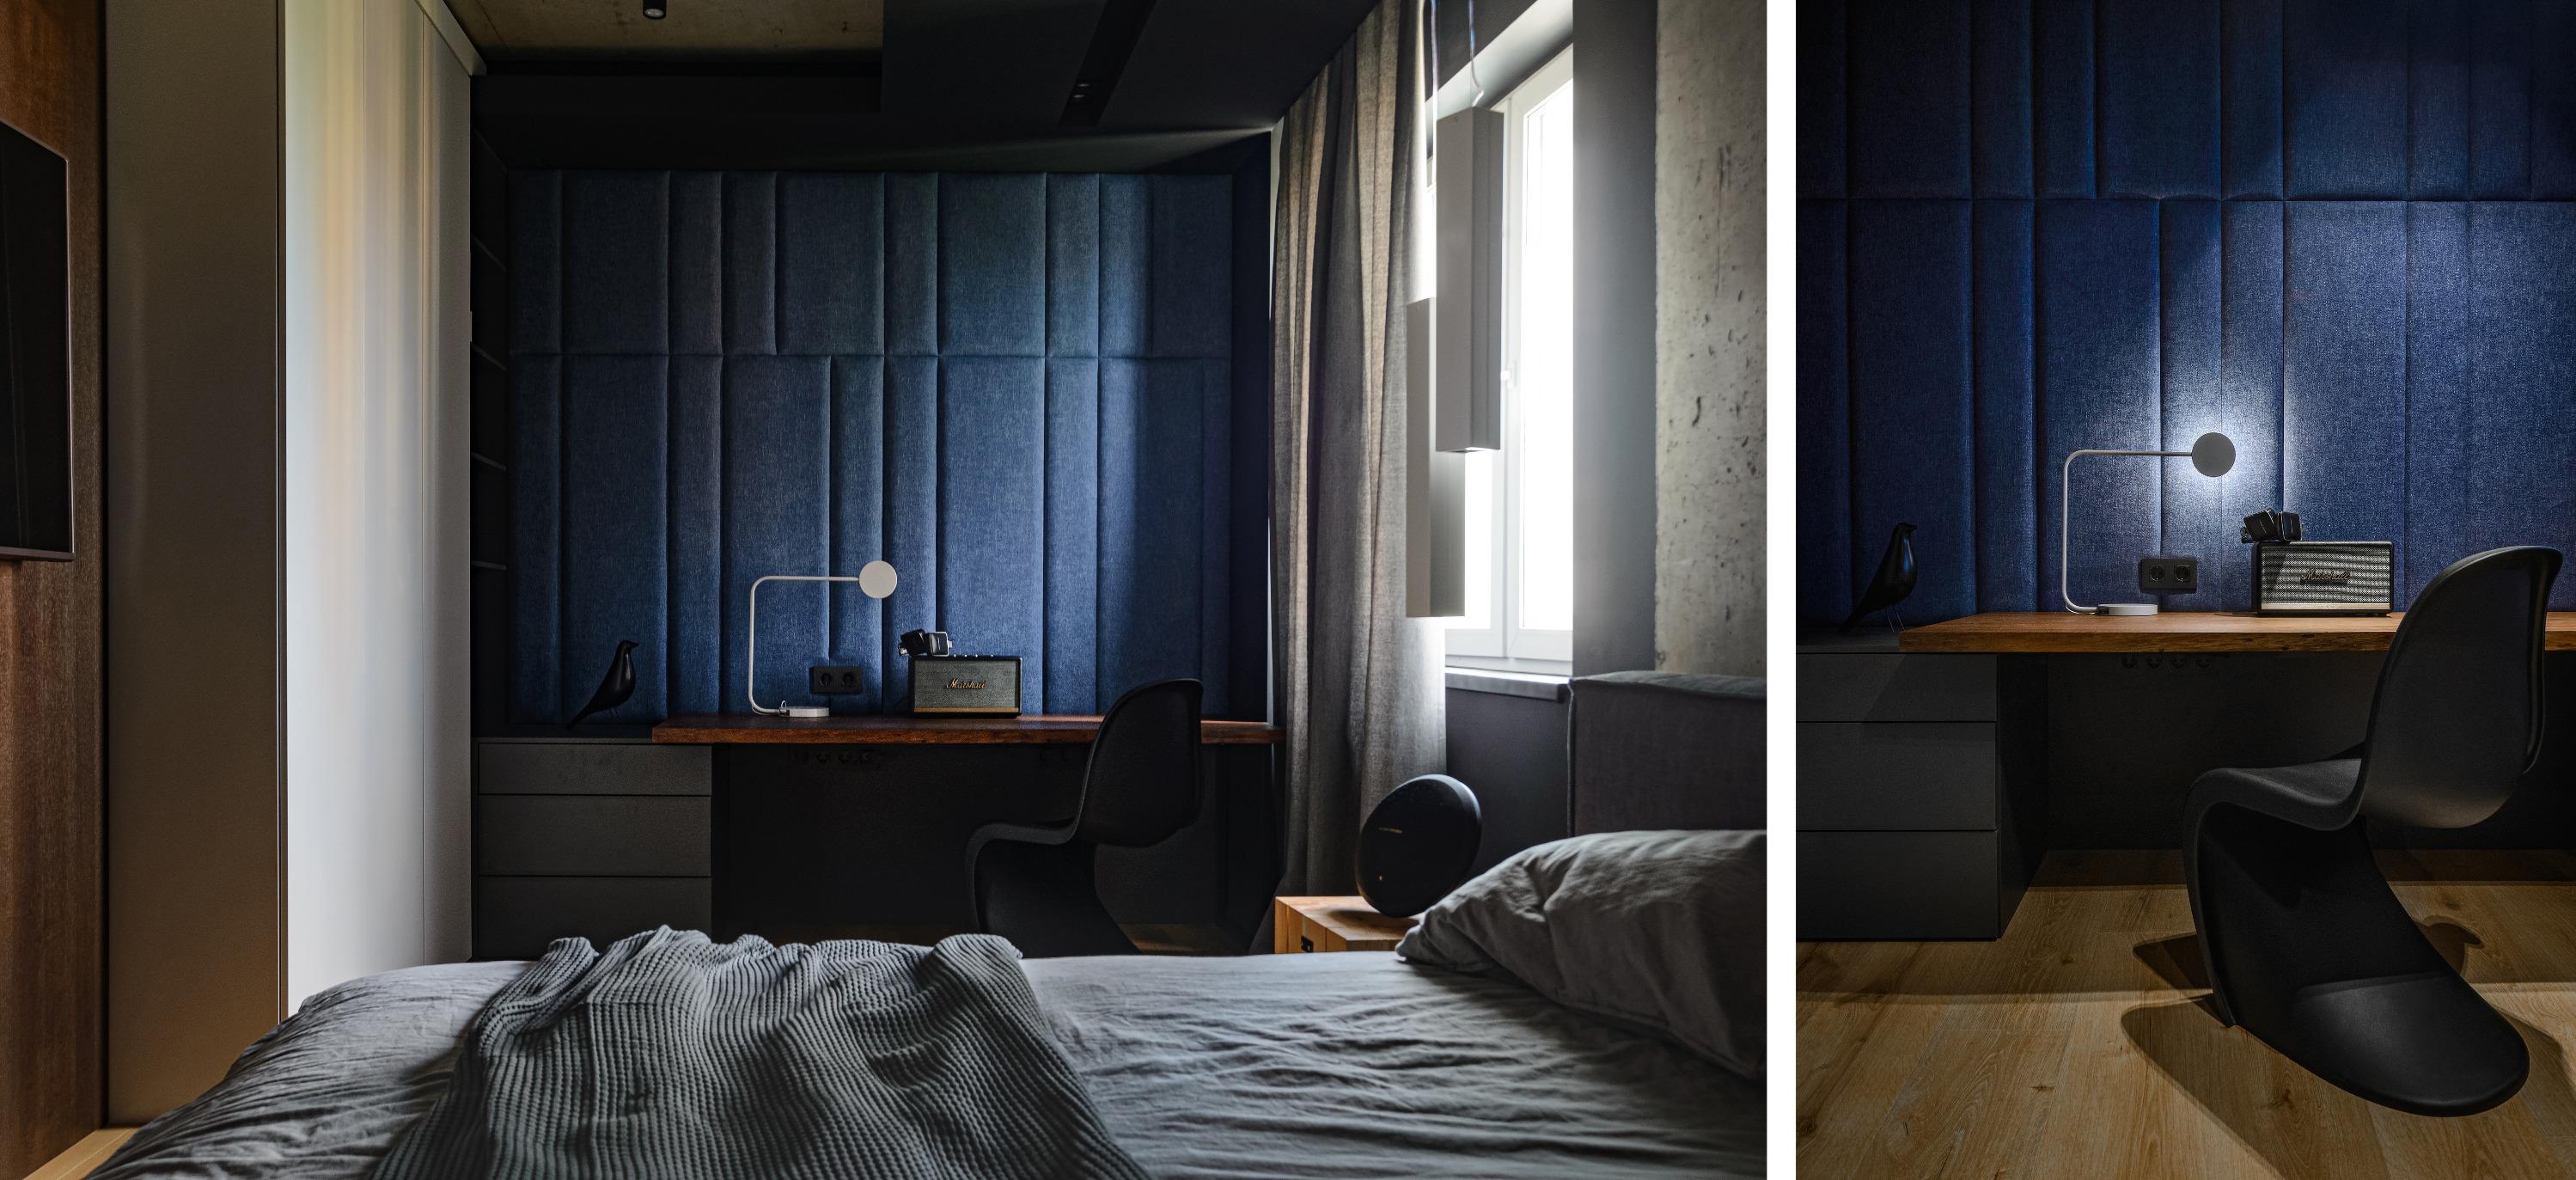 Для владельца квартиры сделали полноценное рабочее место: на стол он может поставить мониторы и оборудование и записывать хиты